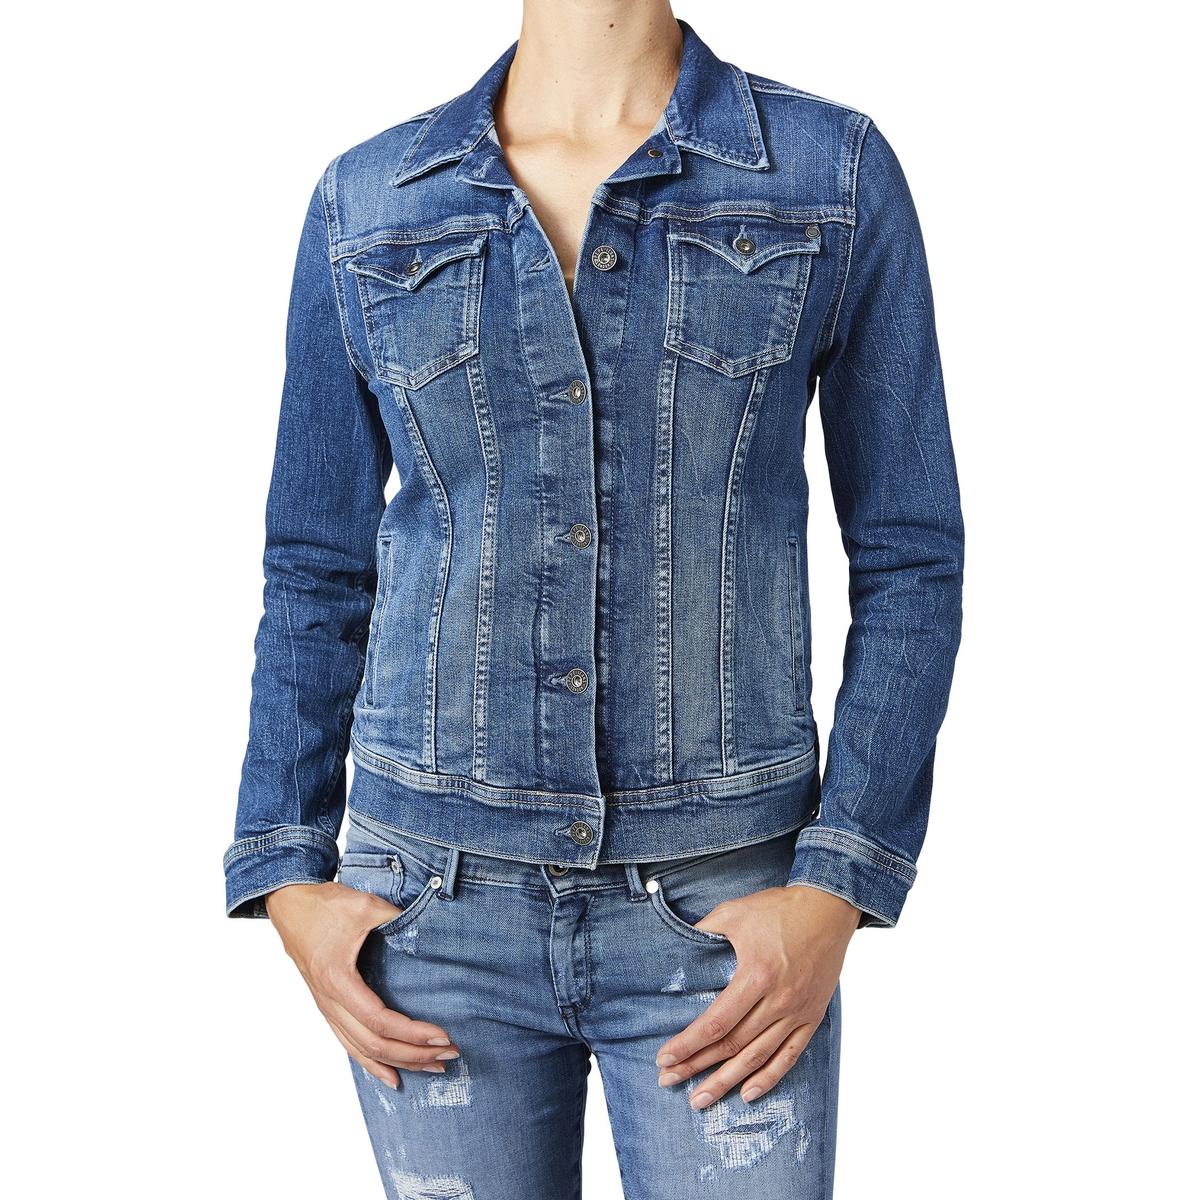 Жакет джинсовый прямого покрояОписание:Детали • Джинсовая ткань •  Прямой покрой •  Воротник-поло, рубашечныйСостав и уход •  98% хлопка, 2% эластана •  Следуйте рекомендациям по уходу, указанным на этикетке изделия<br><br>Цвет: синий стираный